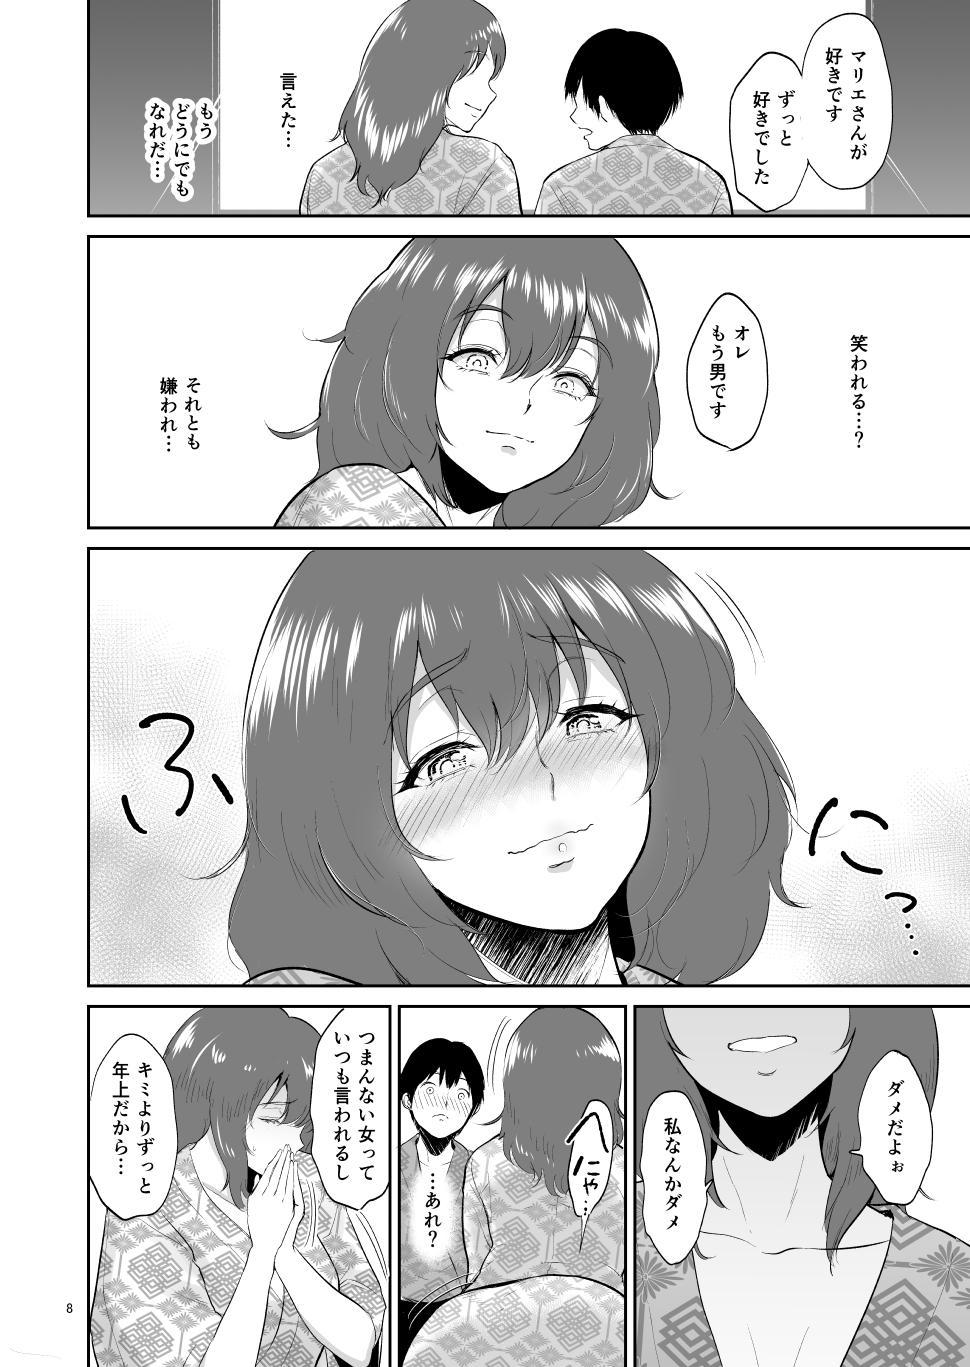 [yogurt (bifidus)] Marie-san to Onsen e - Otonari no Kyonyuu Onee-san to Kazokuburo de... [Digital] 6